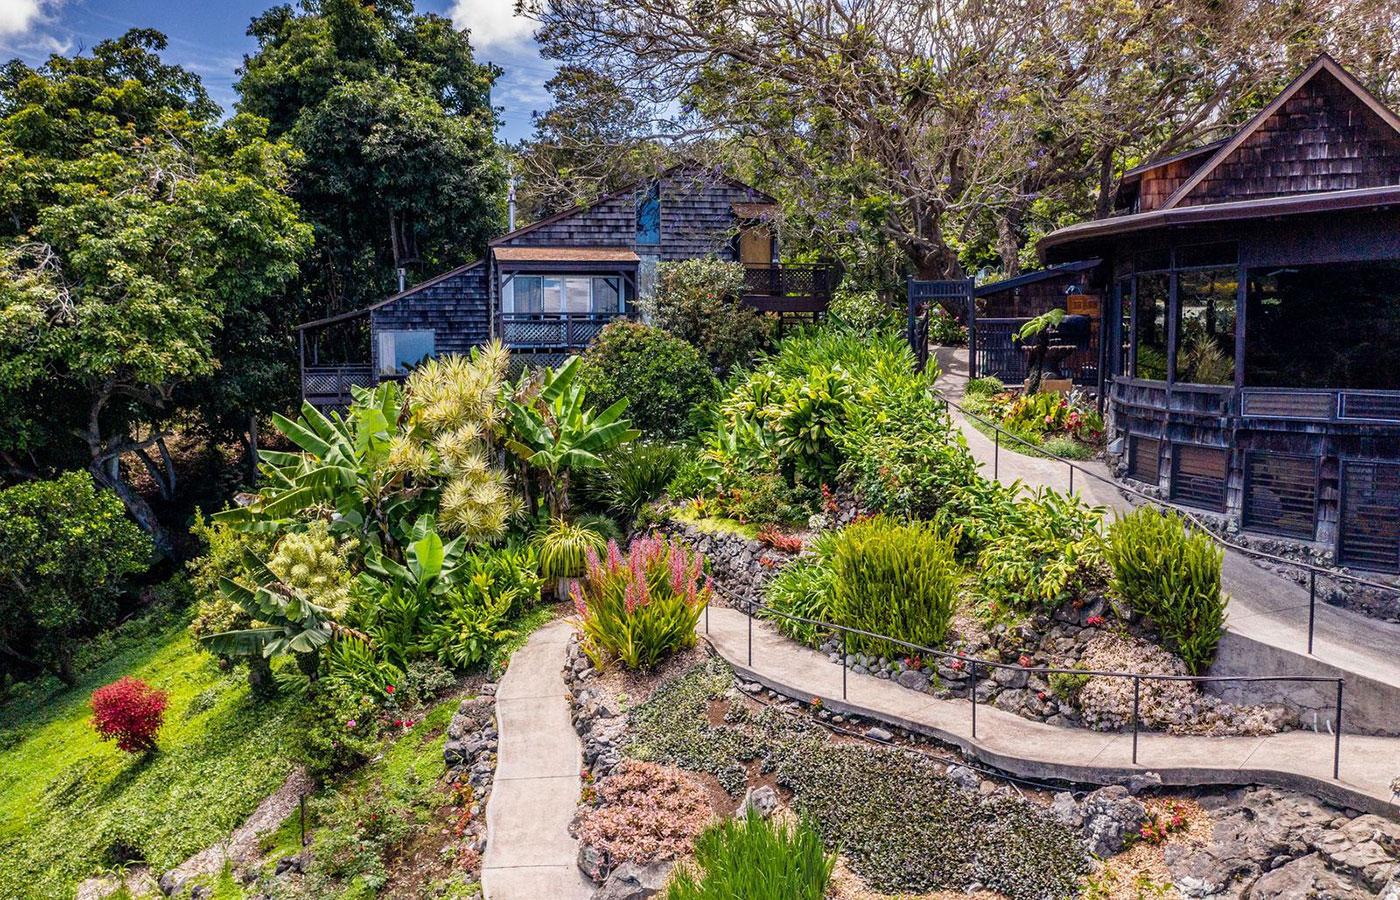 garden stroll at Kula Lodge